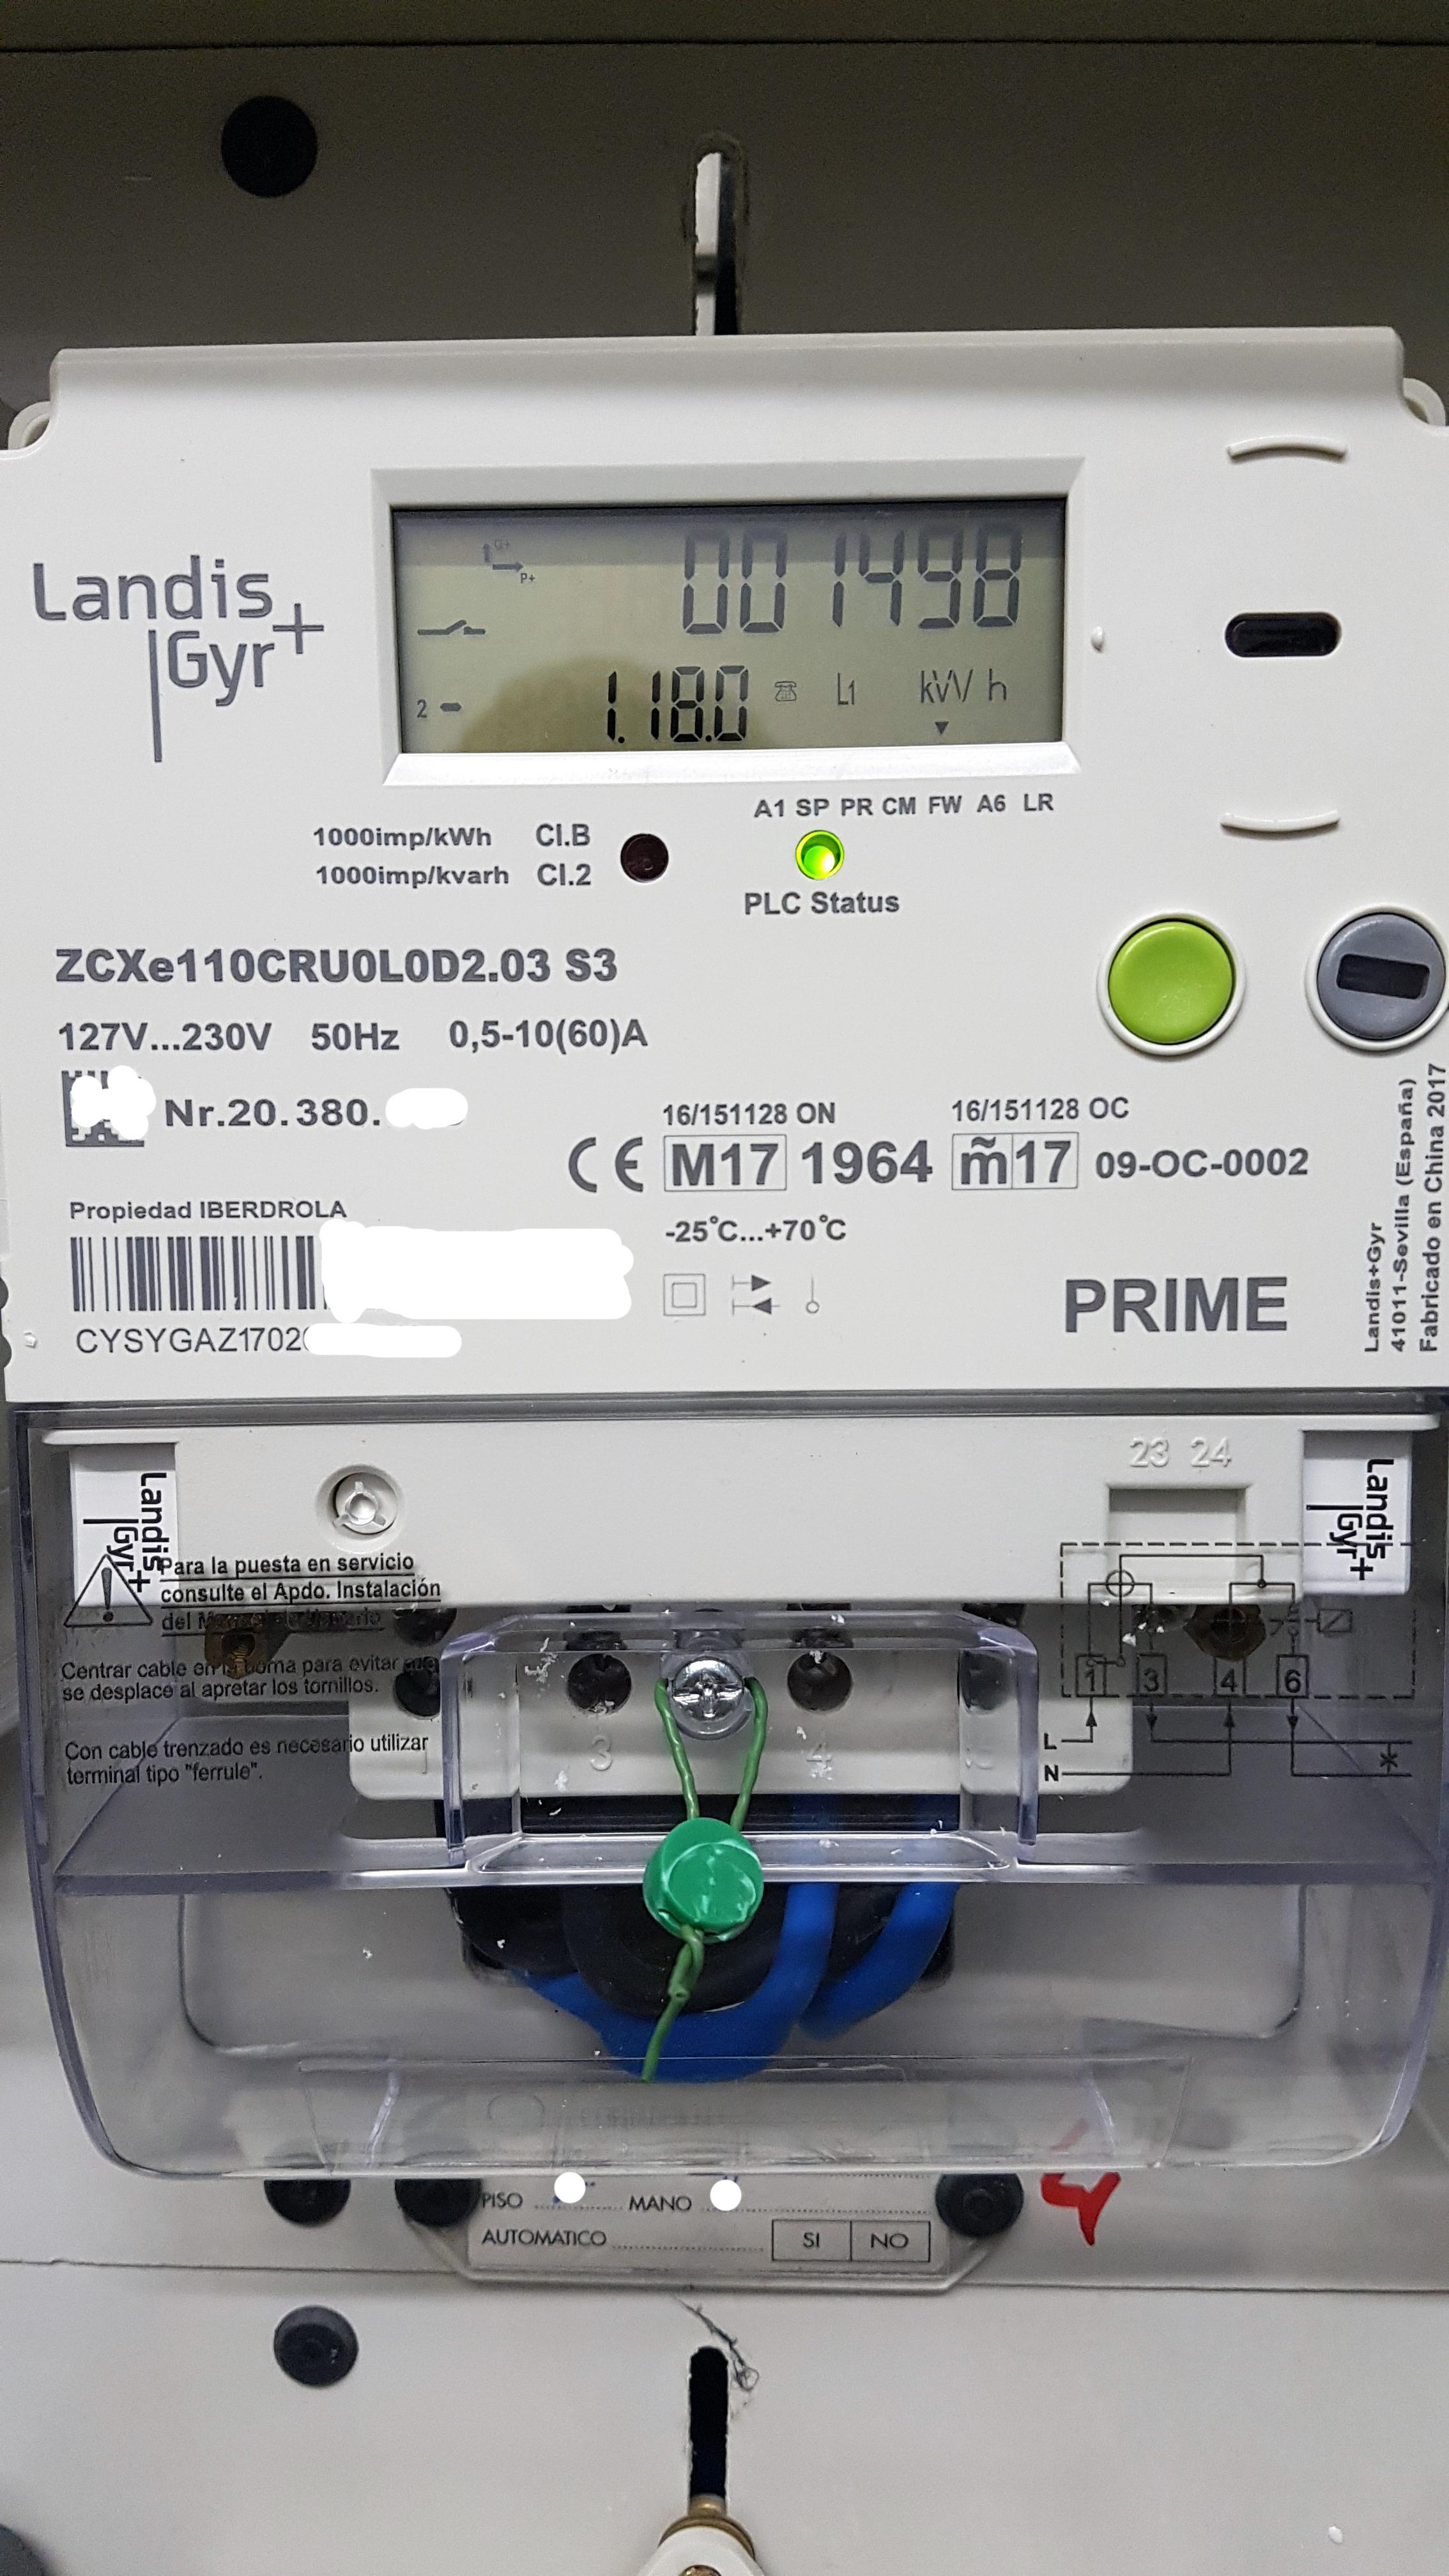 landis gyr heating controls manual